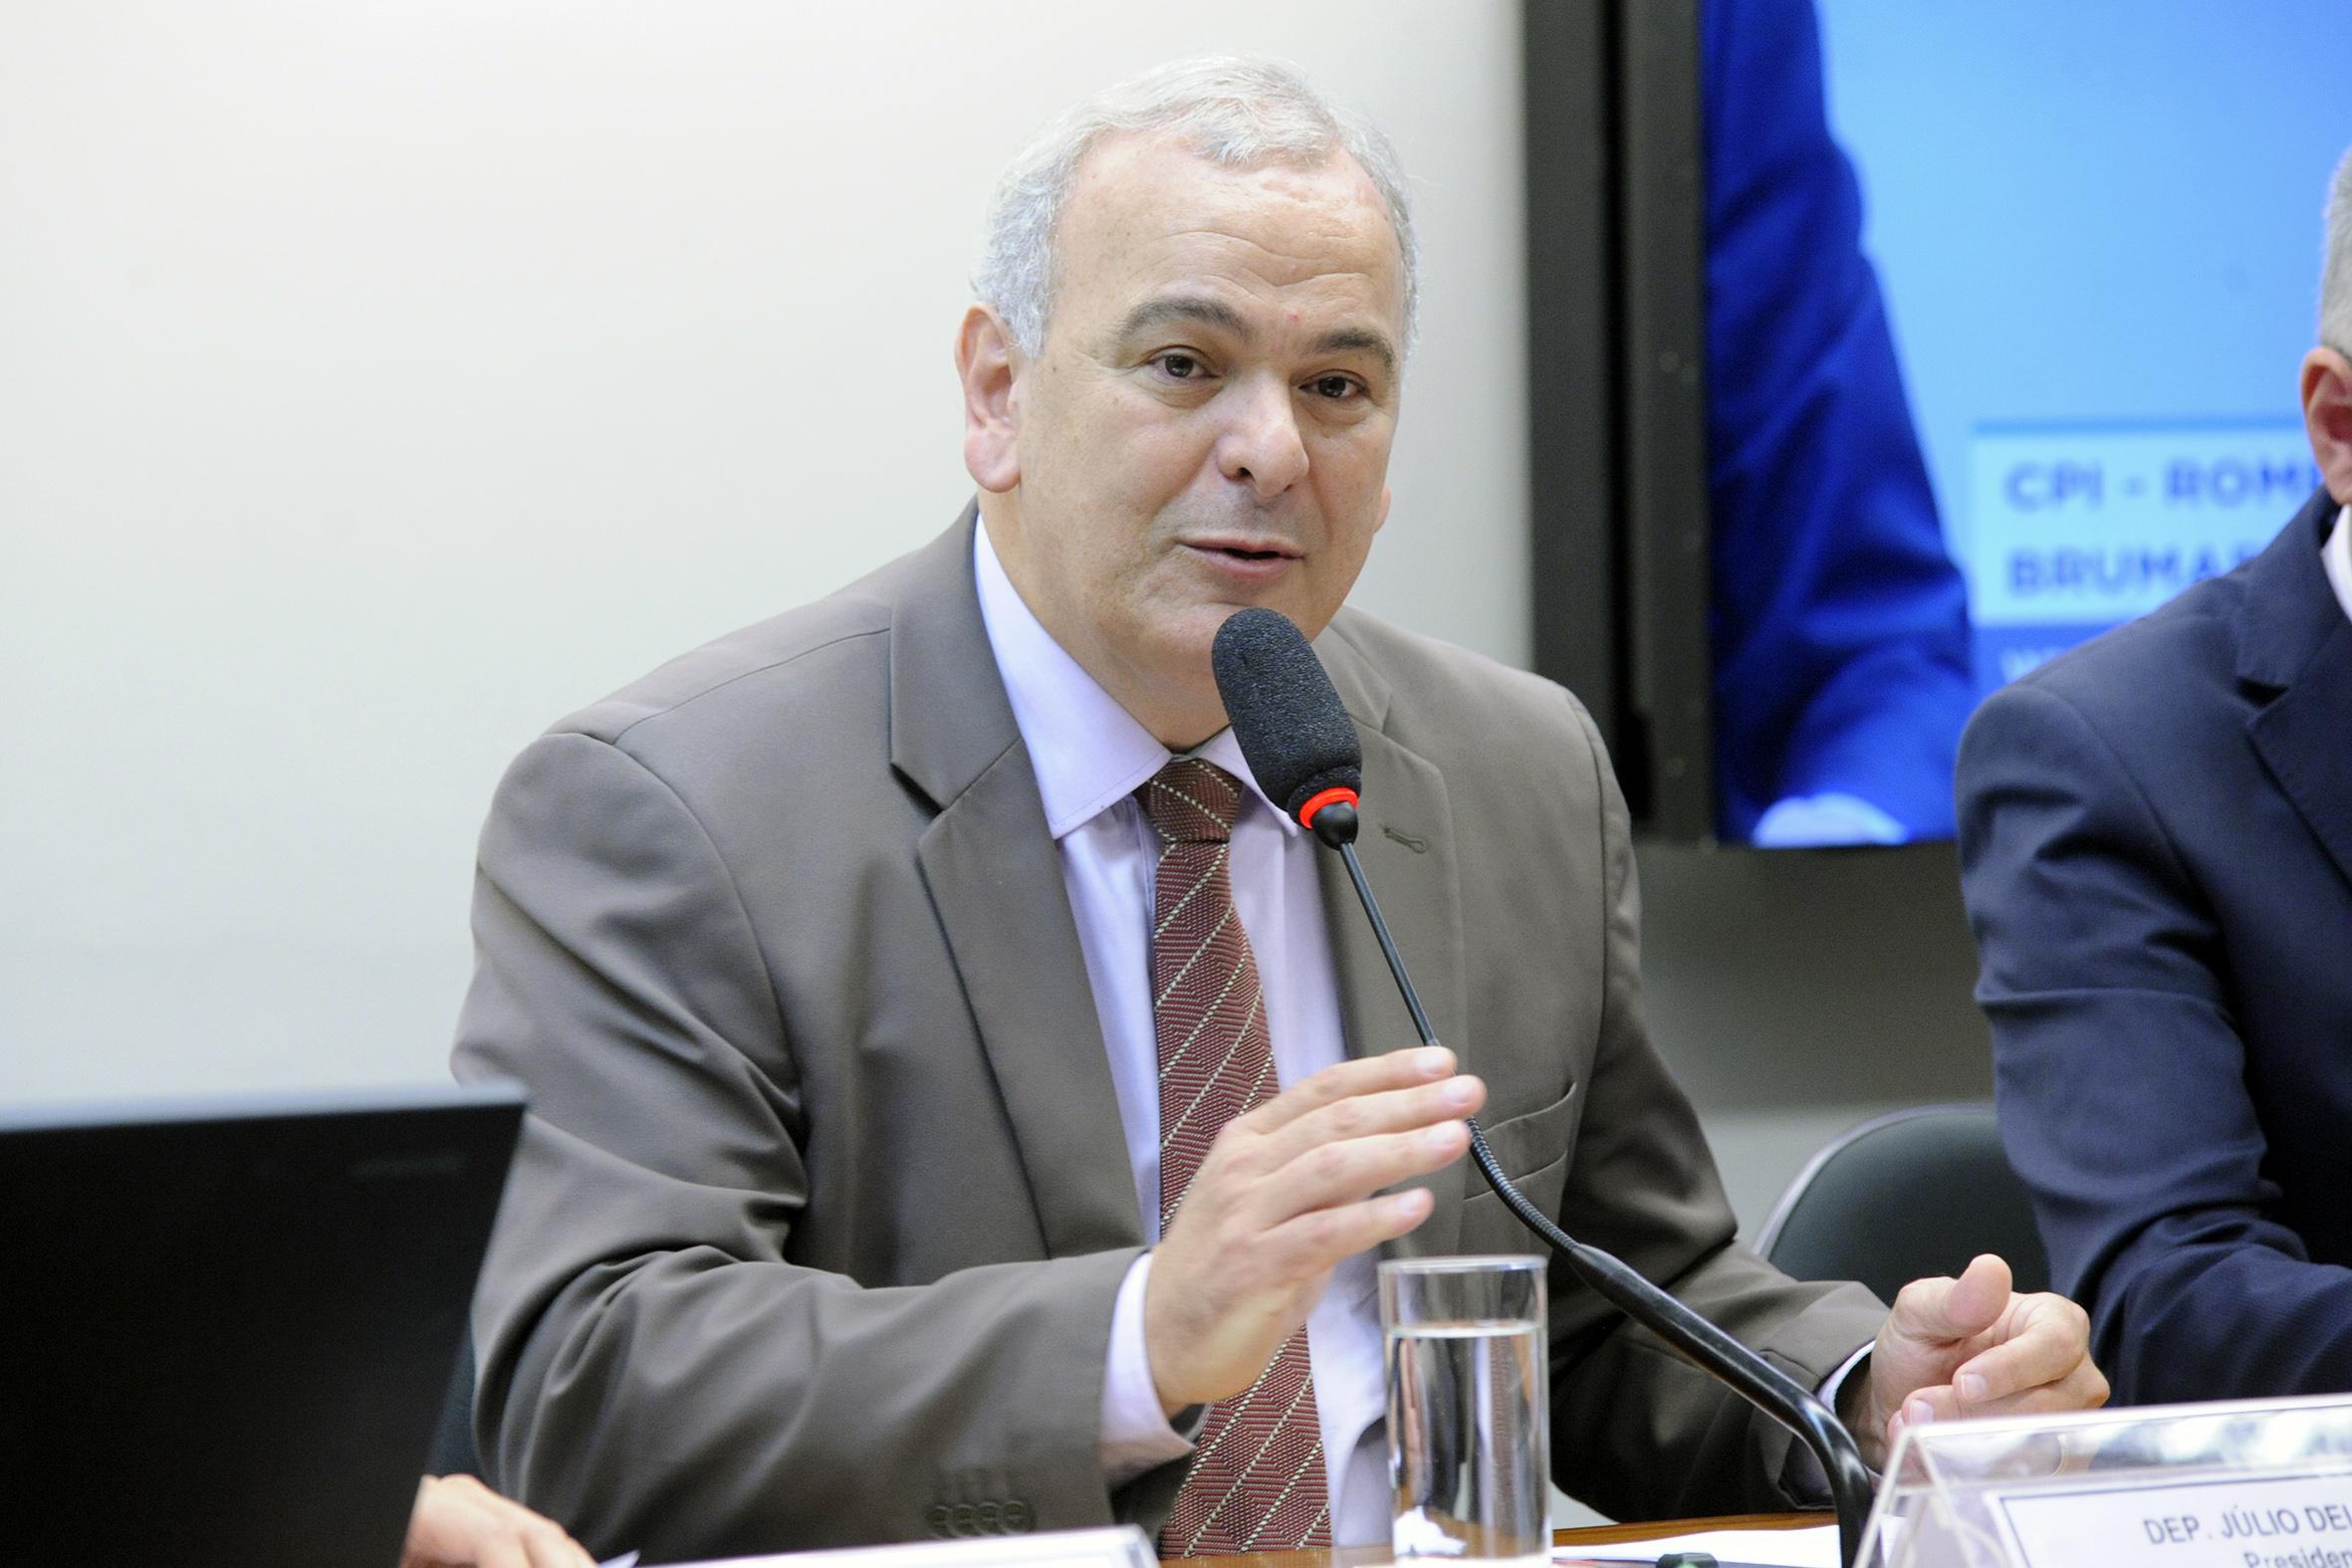 Reunião ordinária. Dep. Júlio Delgado (PSB - MG)